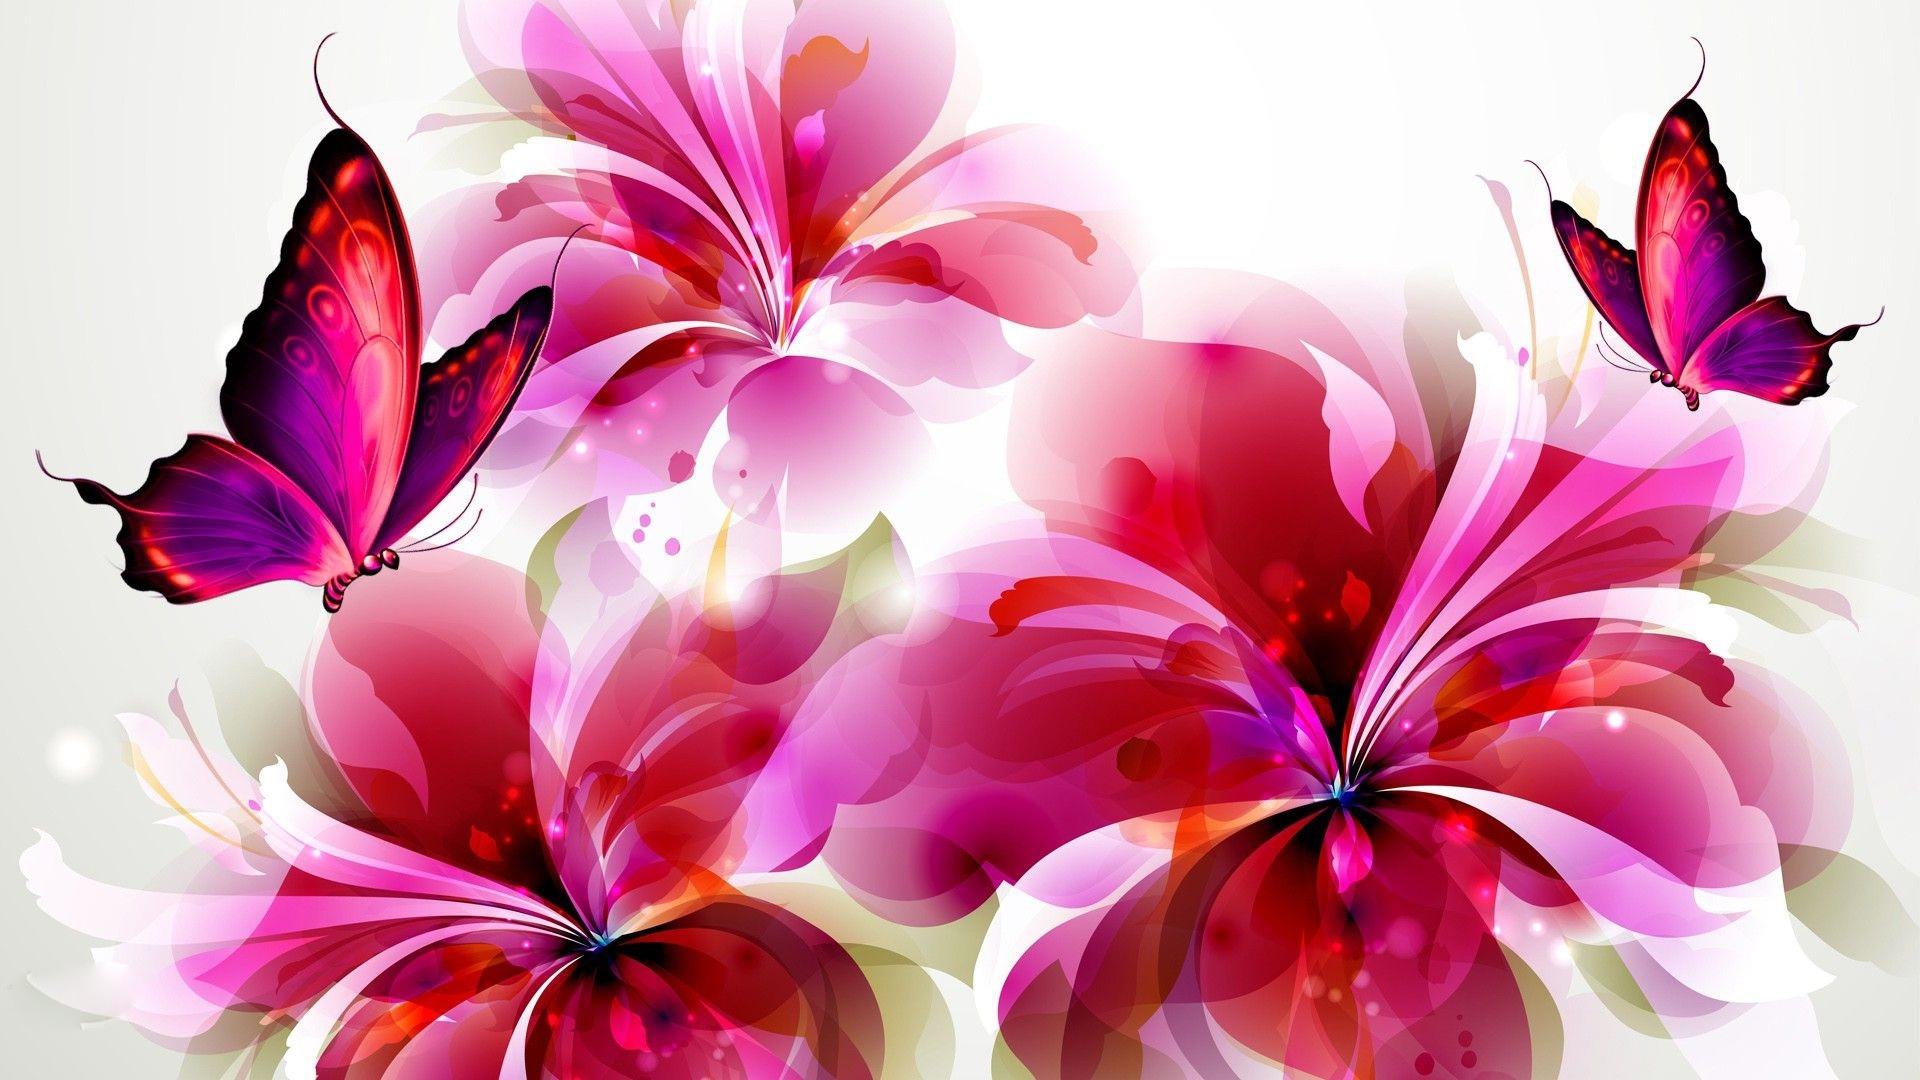 flowers and butterflies wallpaper #8715